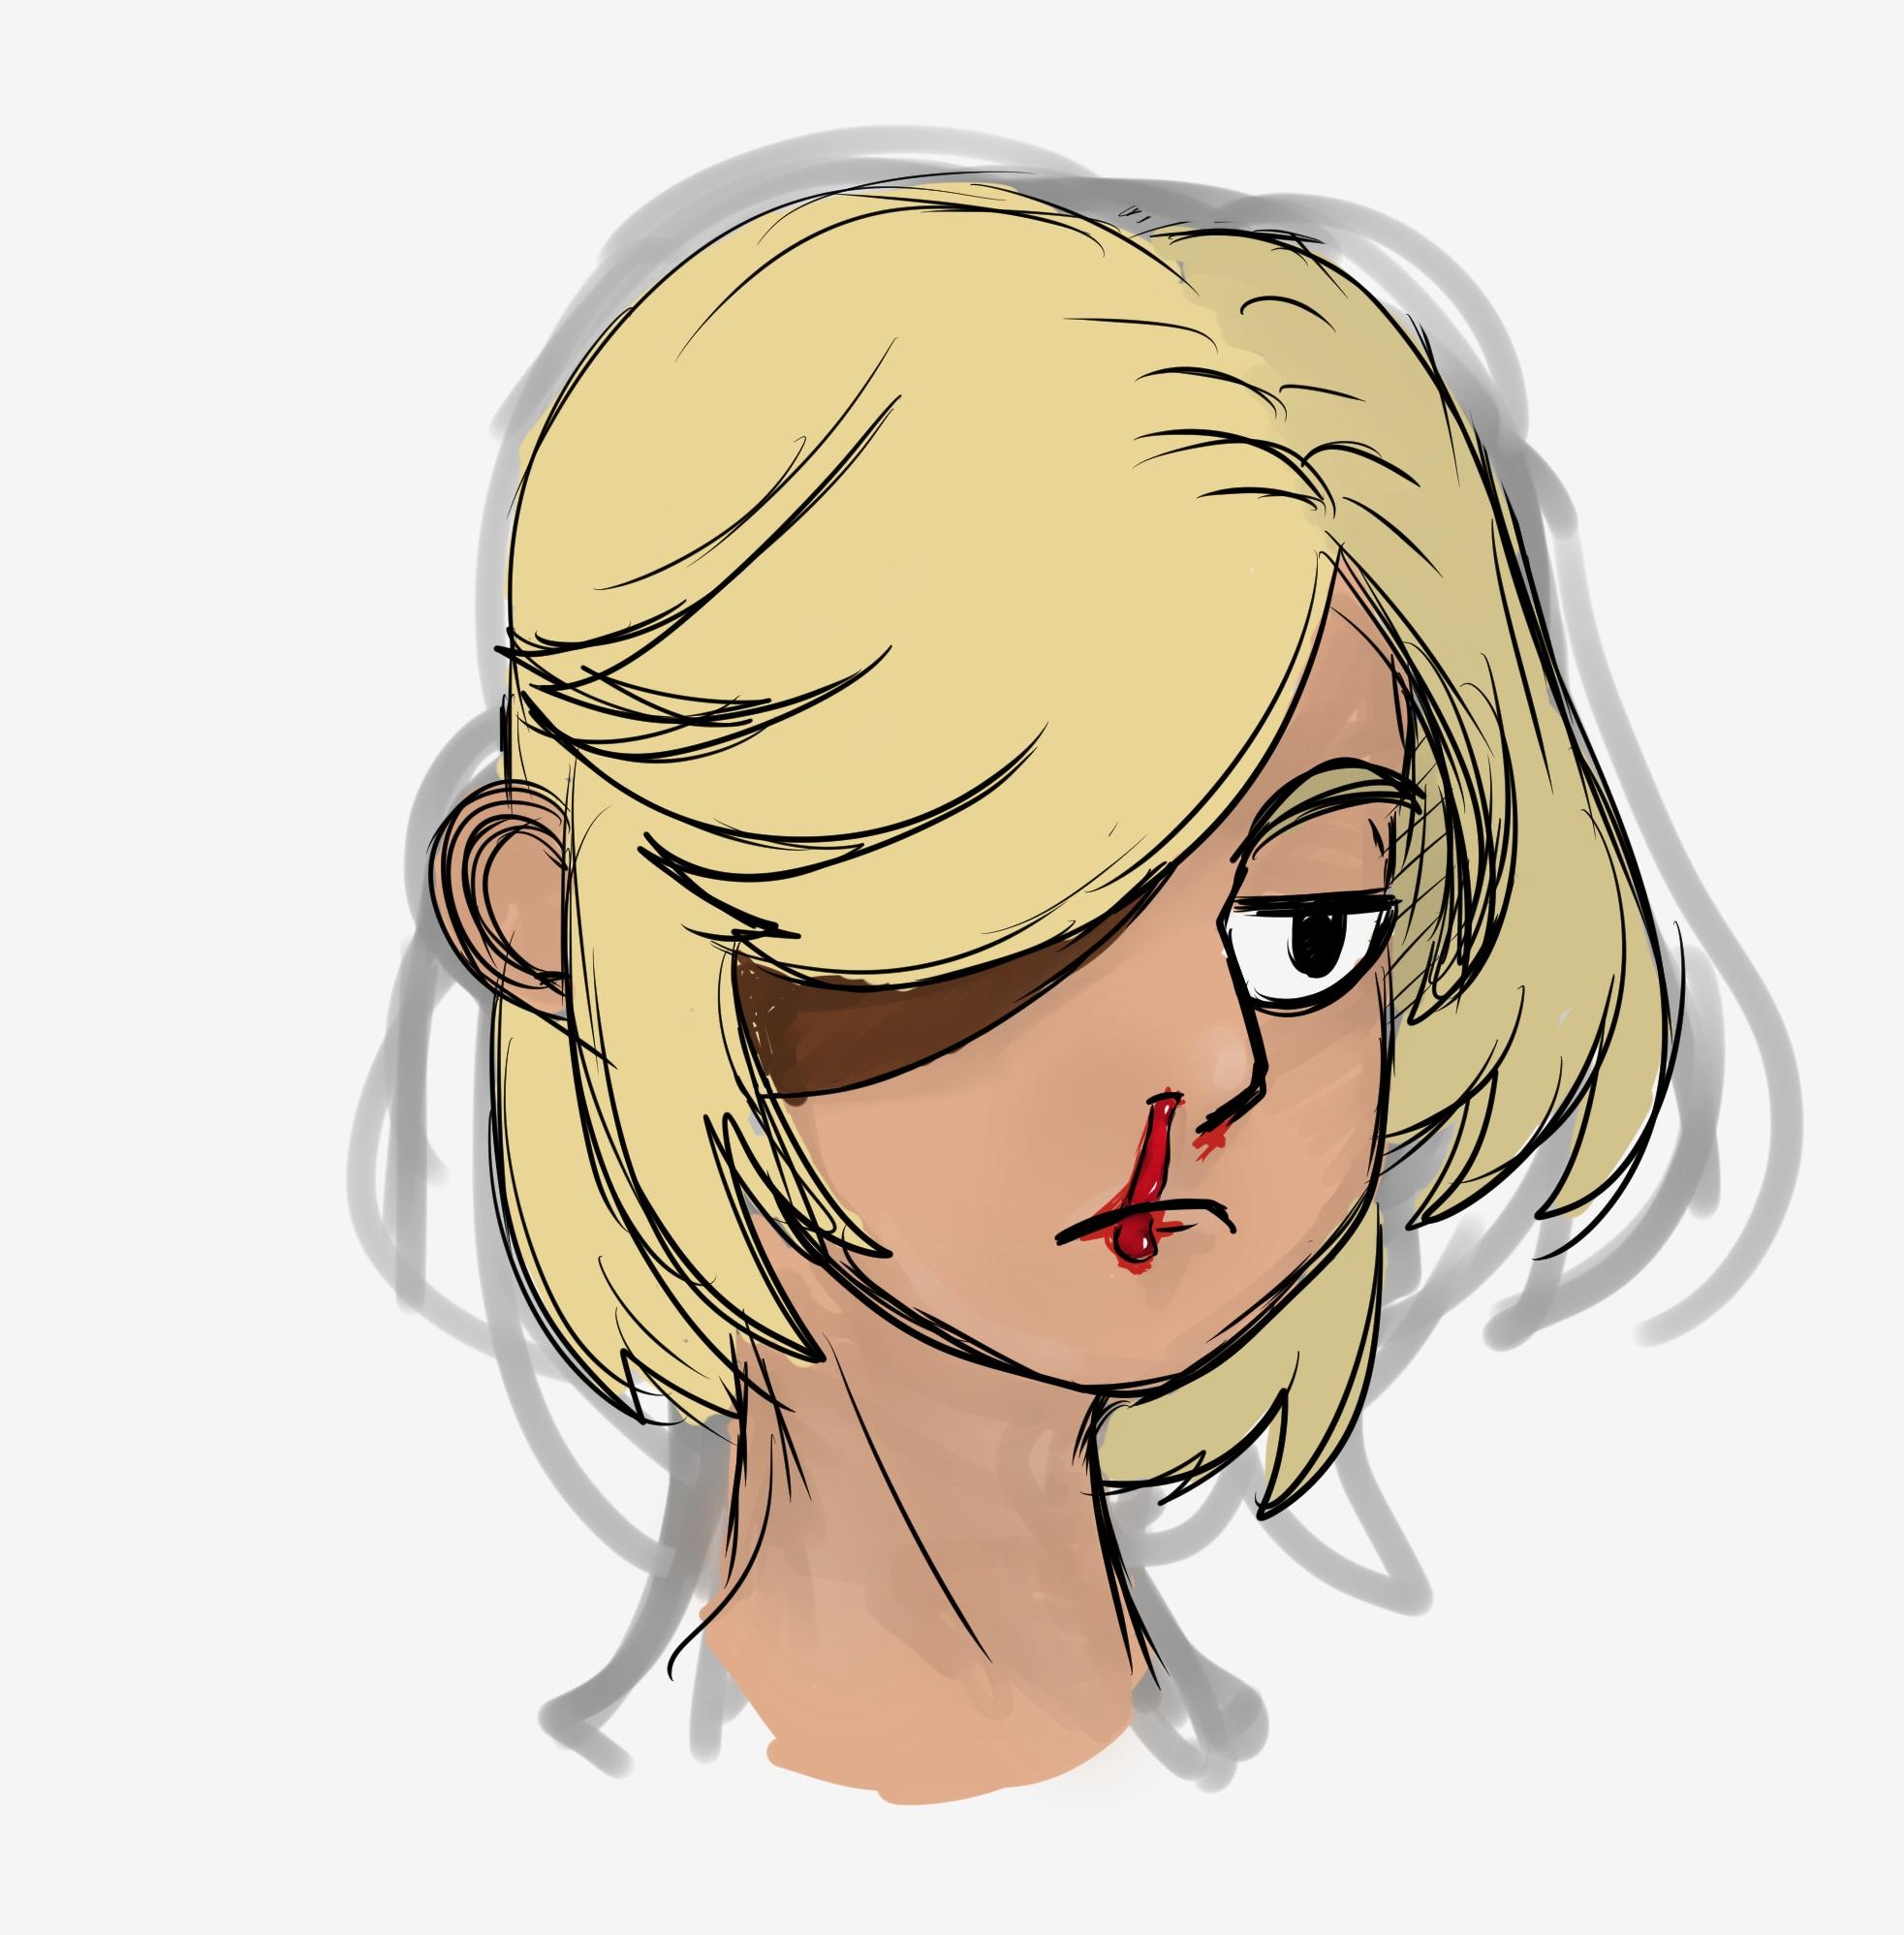 Nosebleed girl 2